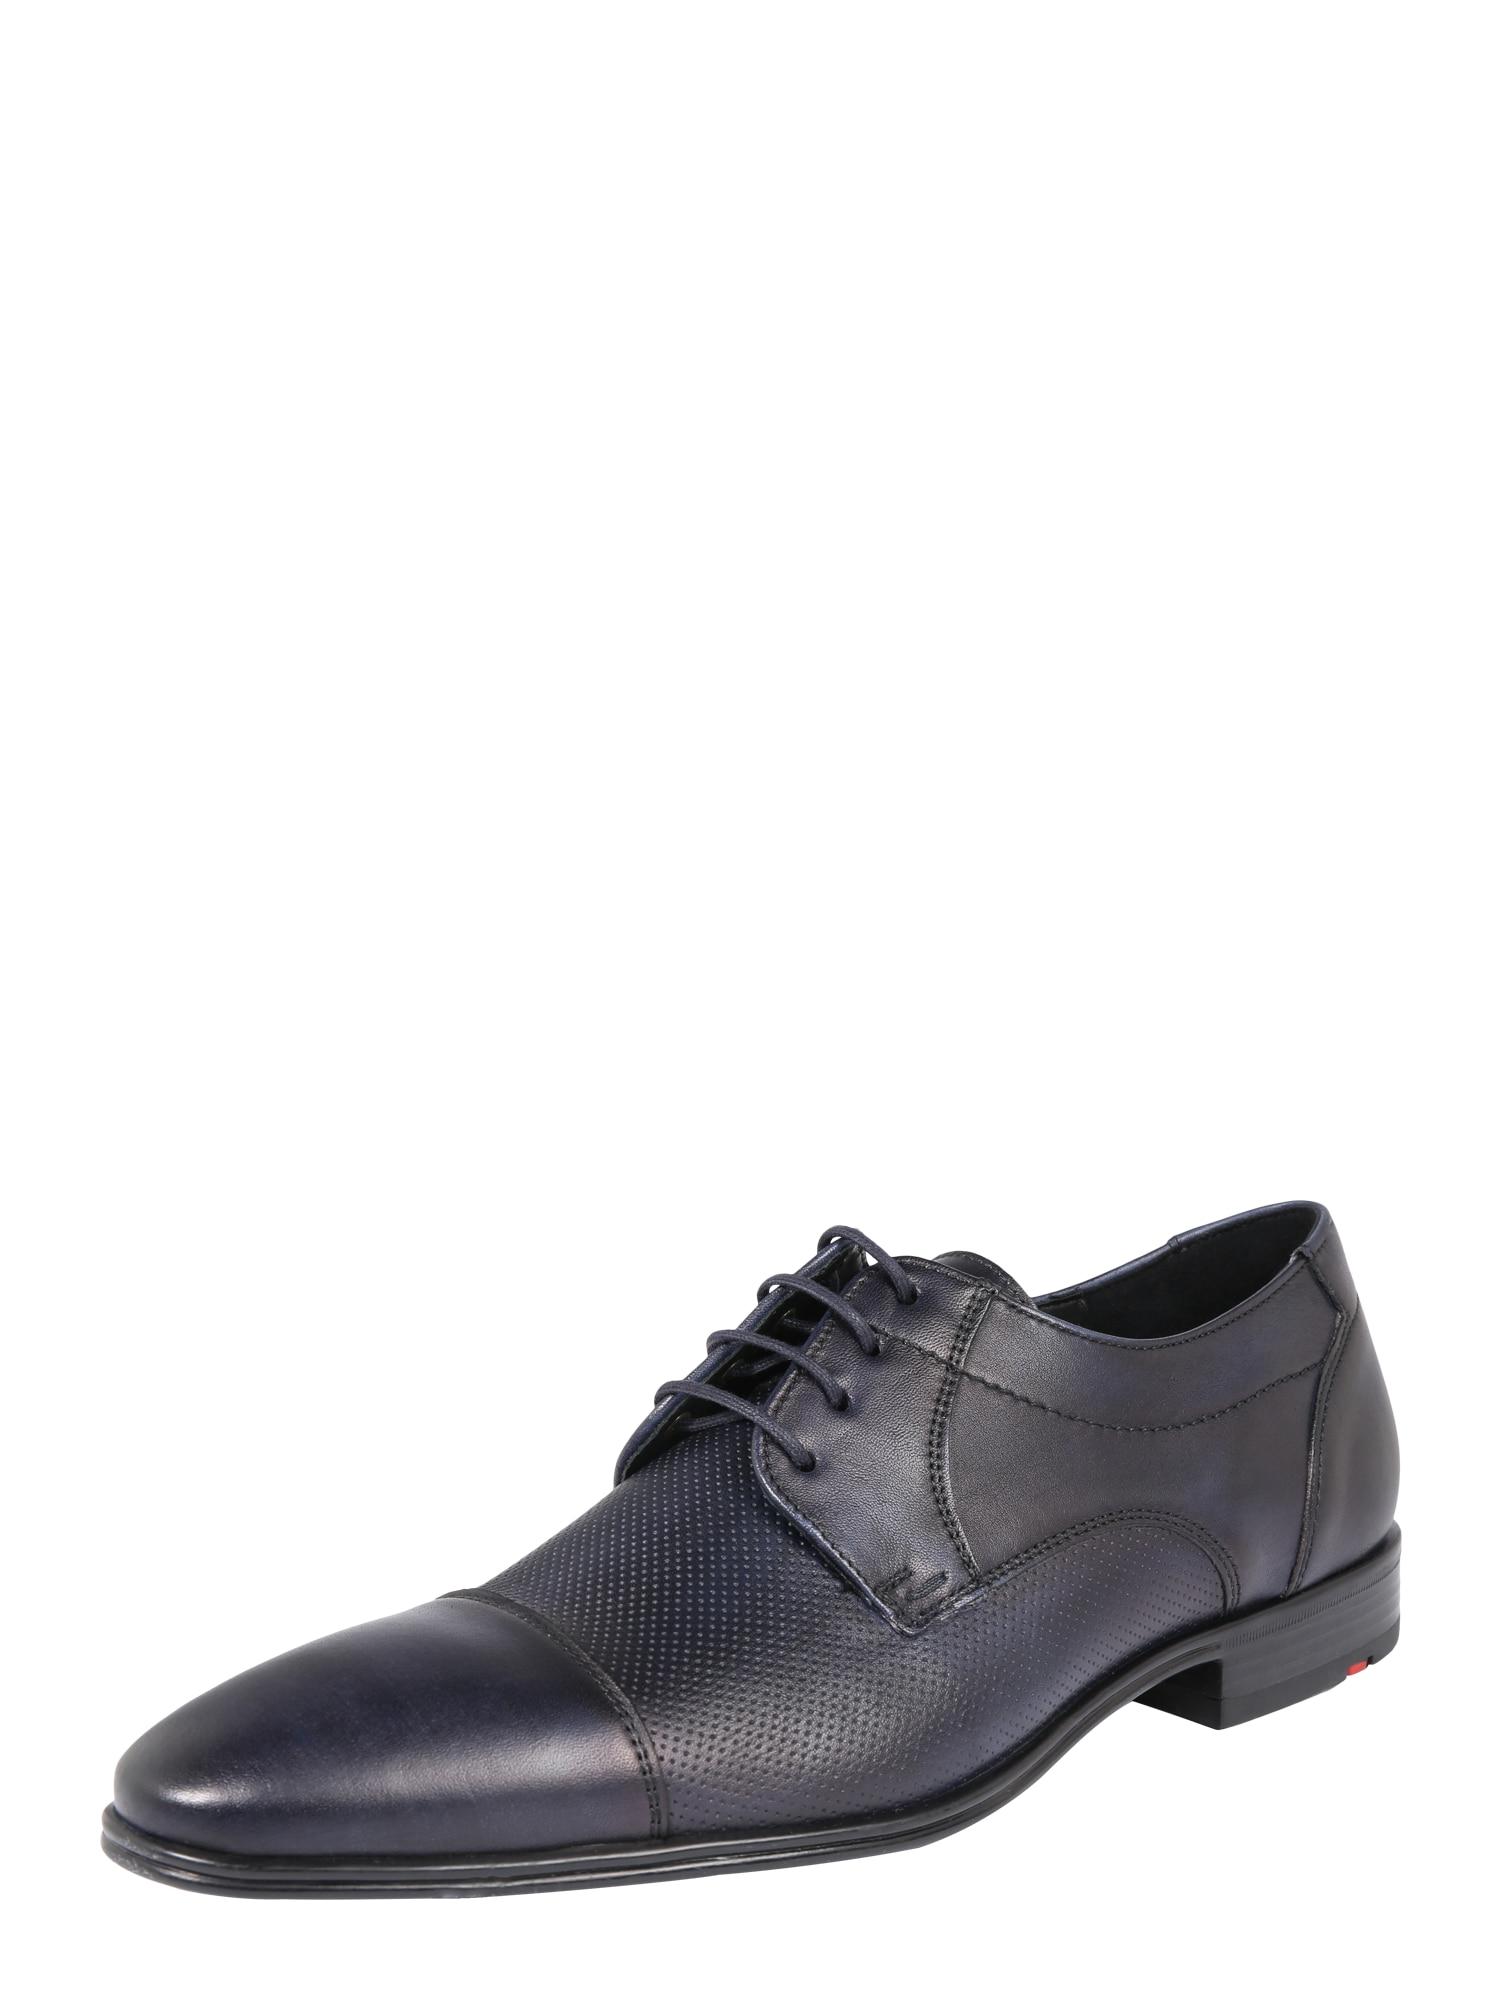 Šněrovací boty Oskar námořnická modř LLOYD